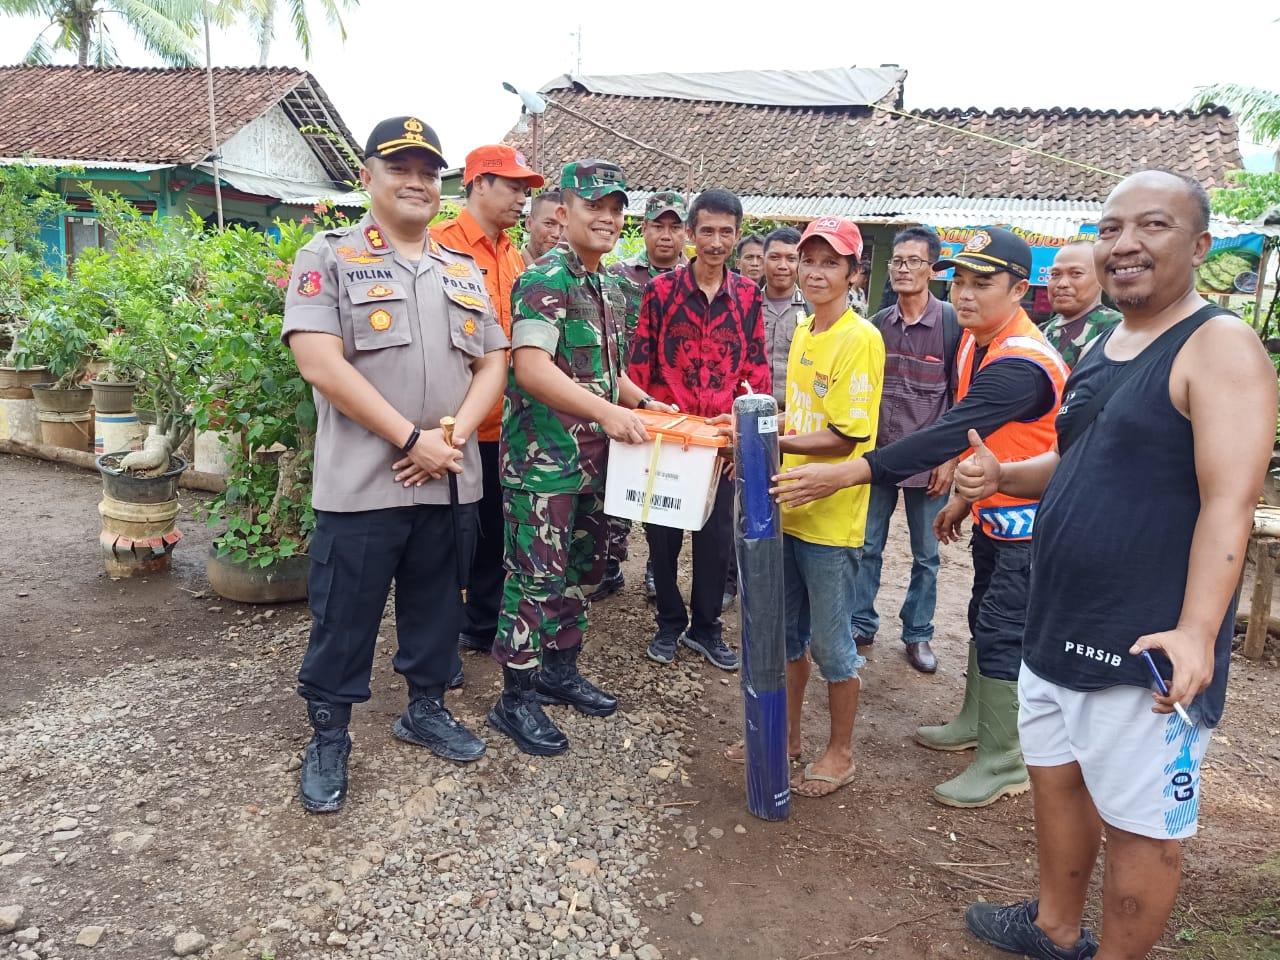 Kapolres Banjar, bersama Dandim dan Wakil Walikota Banjar Salurkan Bantuan Korban Angin Puting Beliung